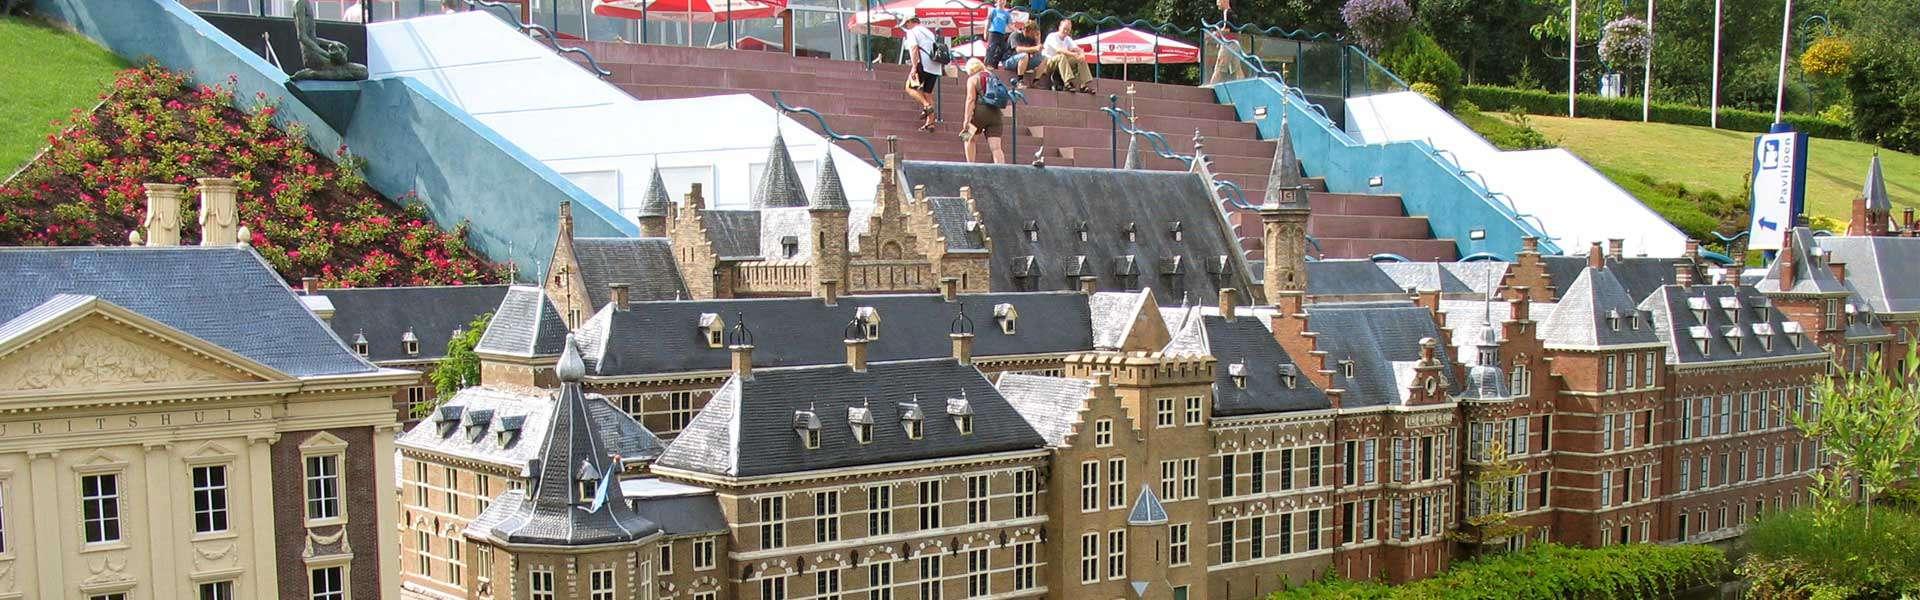 Nicht nur für die Kleinsten: Der Miniaturpark Madurodam in Den Haag Holland